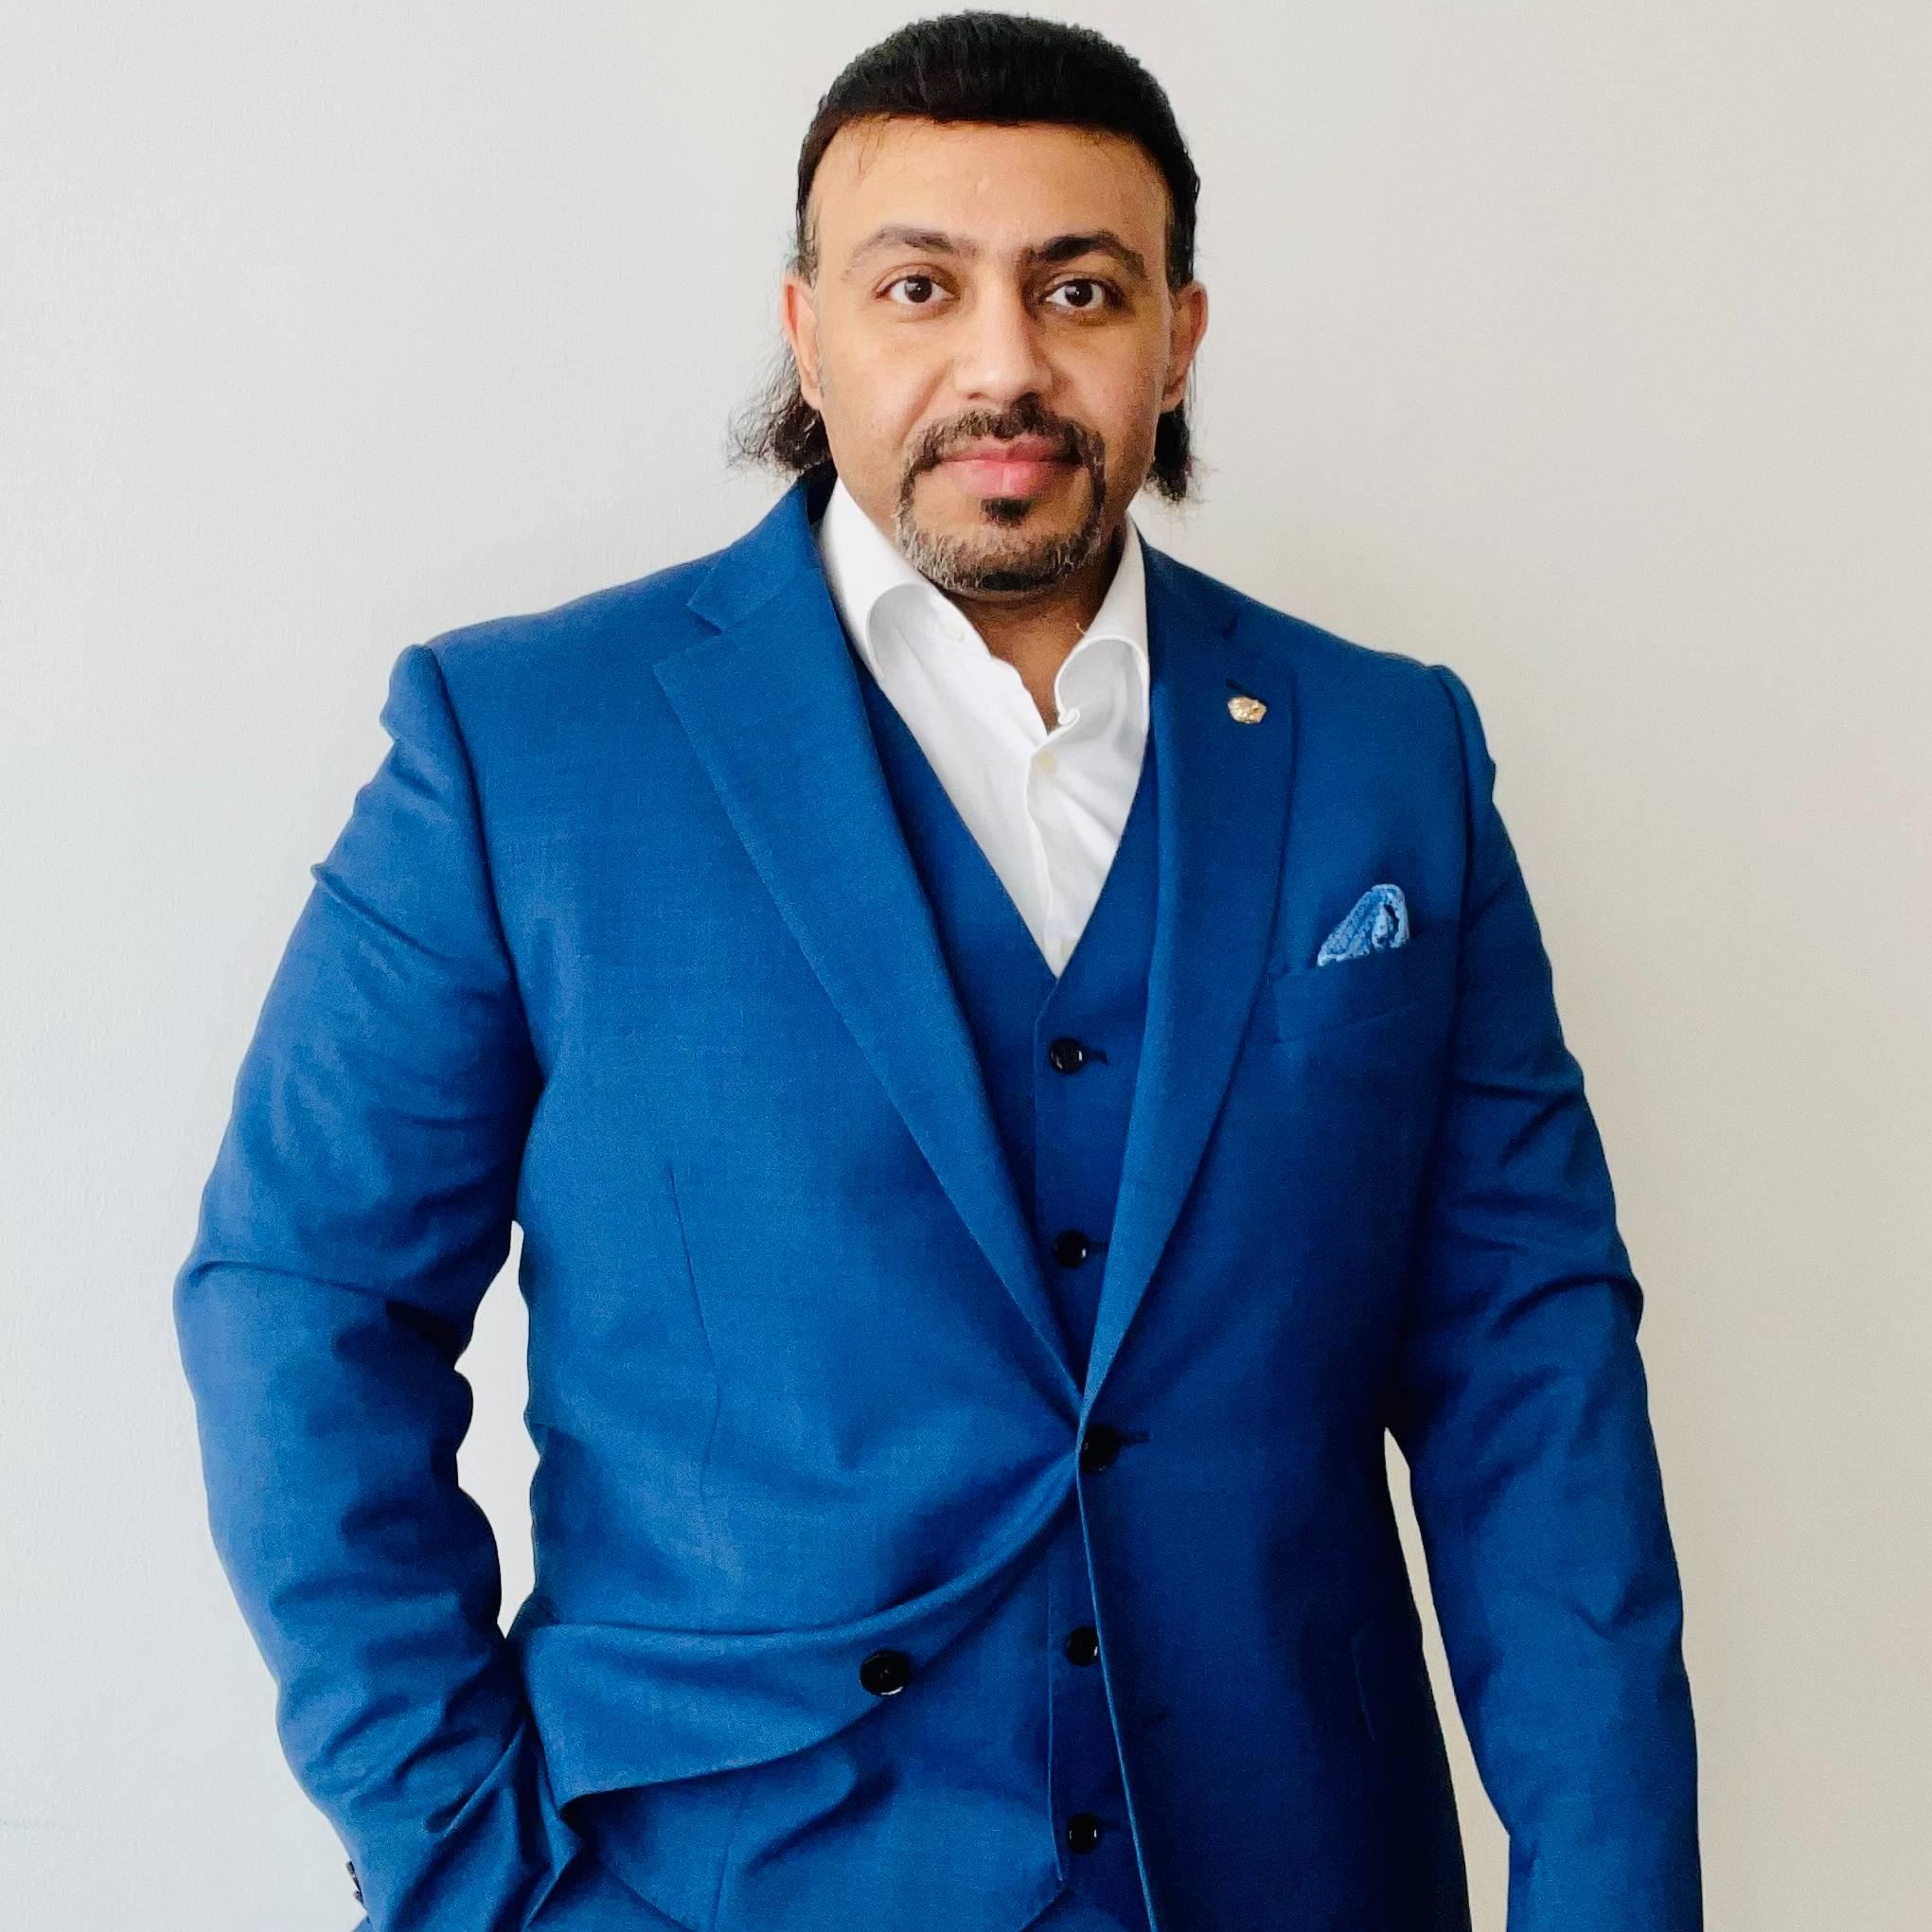 Ayman Gumaa